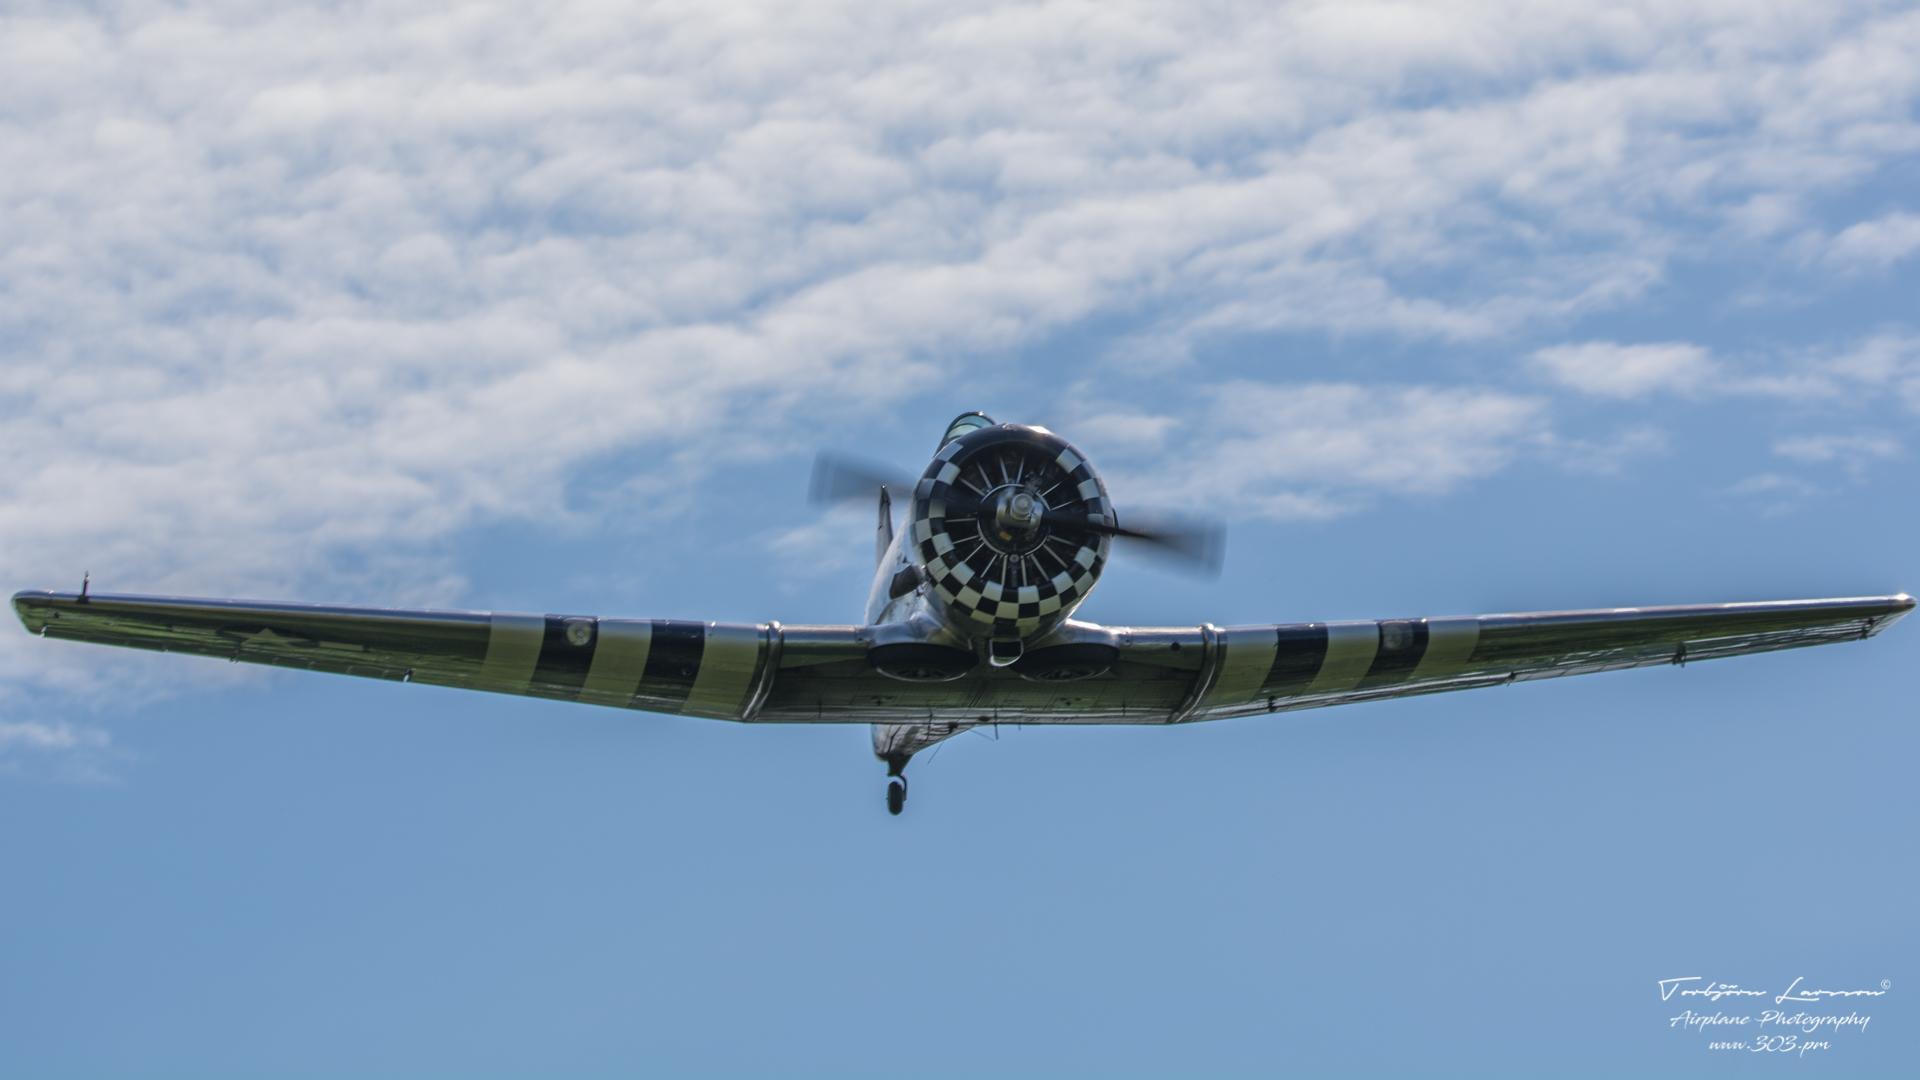 TBE_5933-Noorduyn AT-16 Harvard IIB (SE-FUZ)